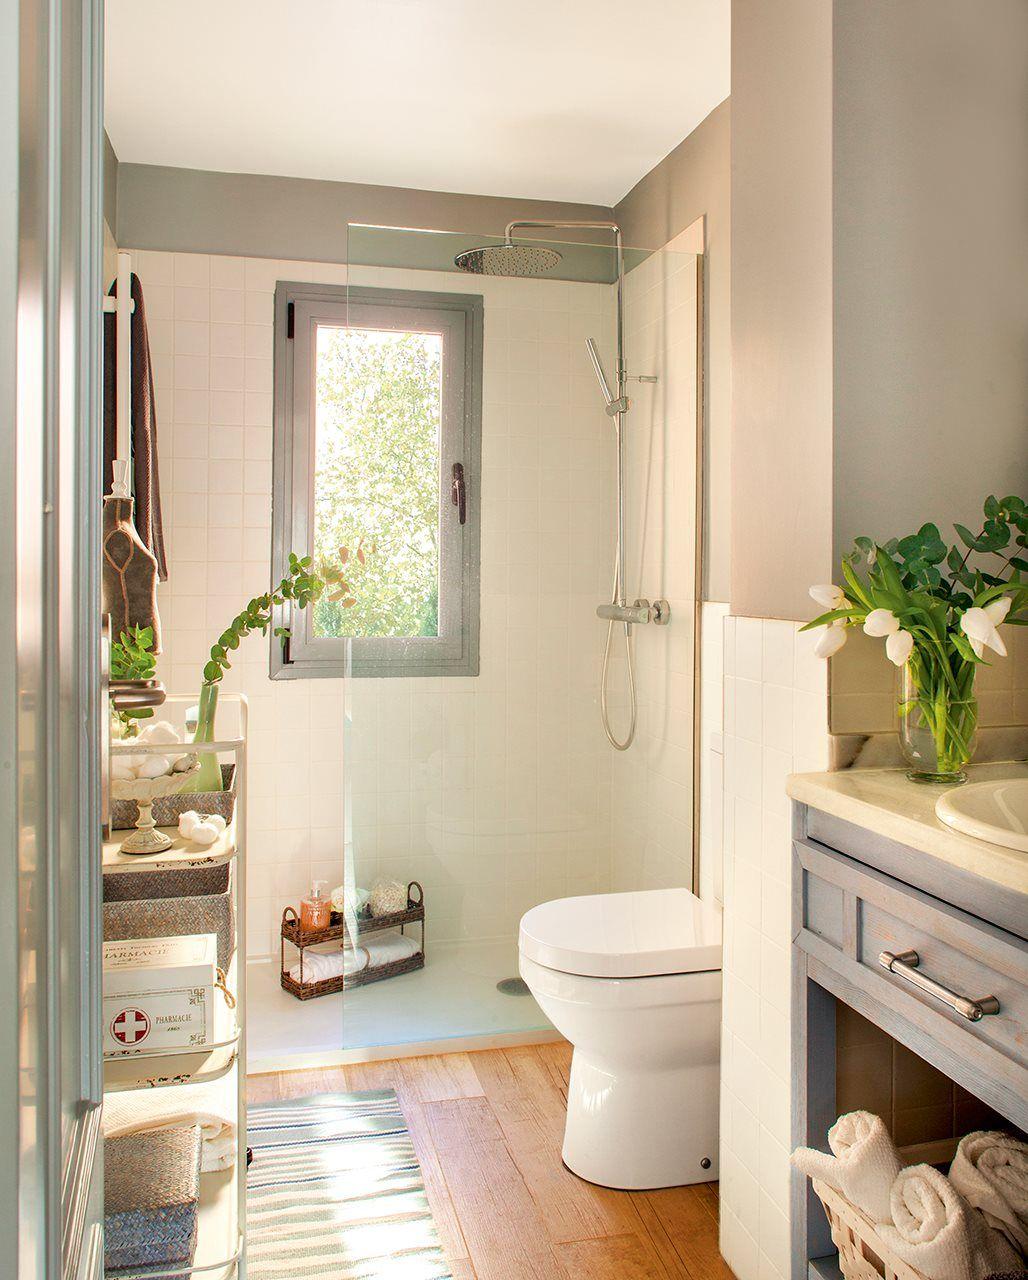 Baño pequeño en blanco y gris. La ducha al fondo | baños bodega ...